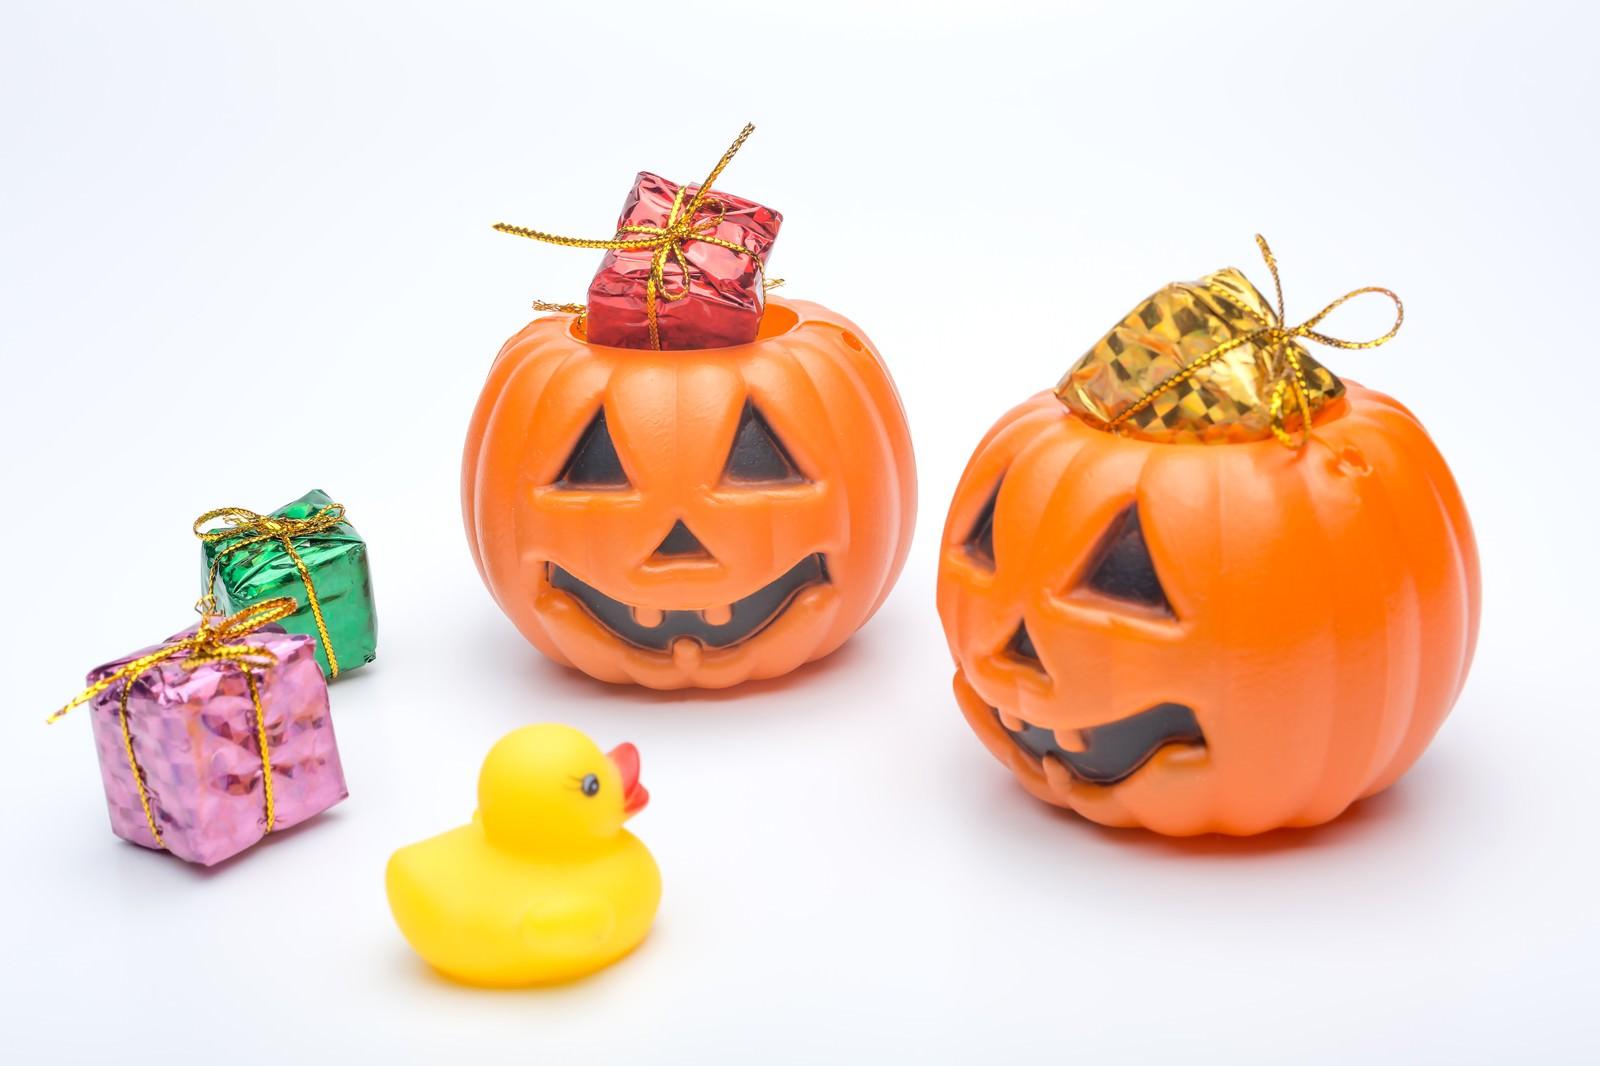 「あひるちゃんとかぼちゃおばけ」の写真